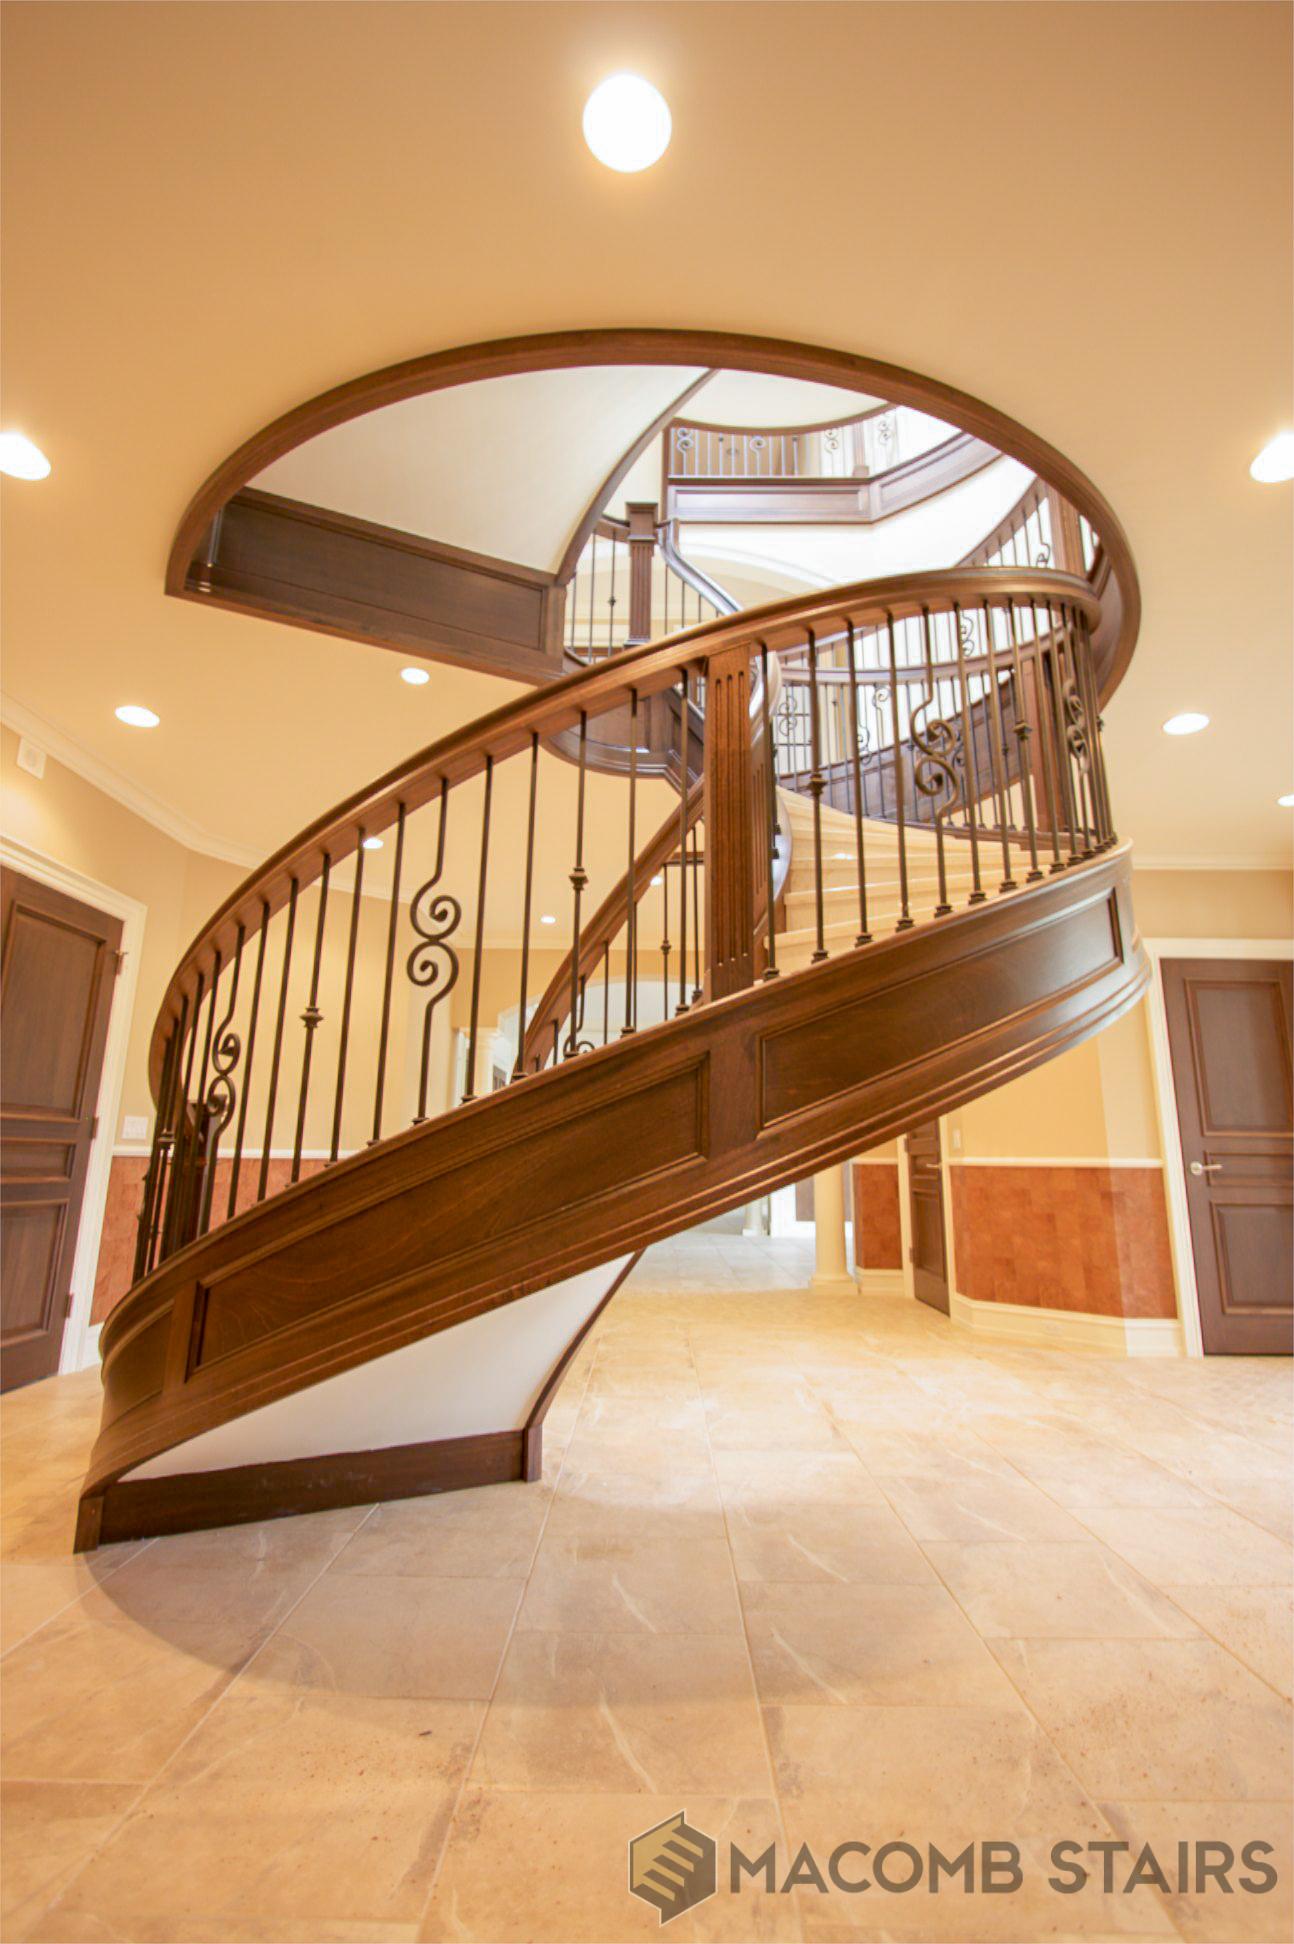 Macomb Stairs- Stair Photo-45.jpg